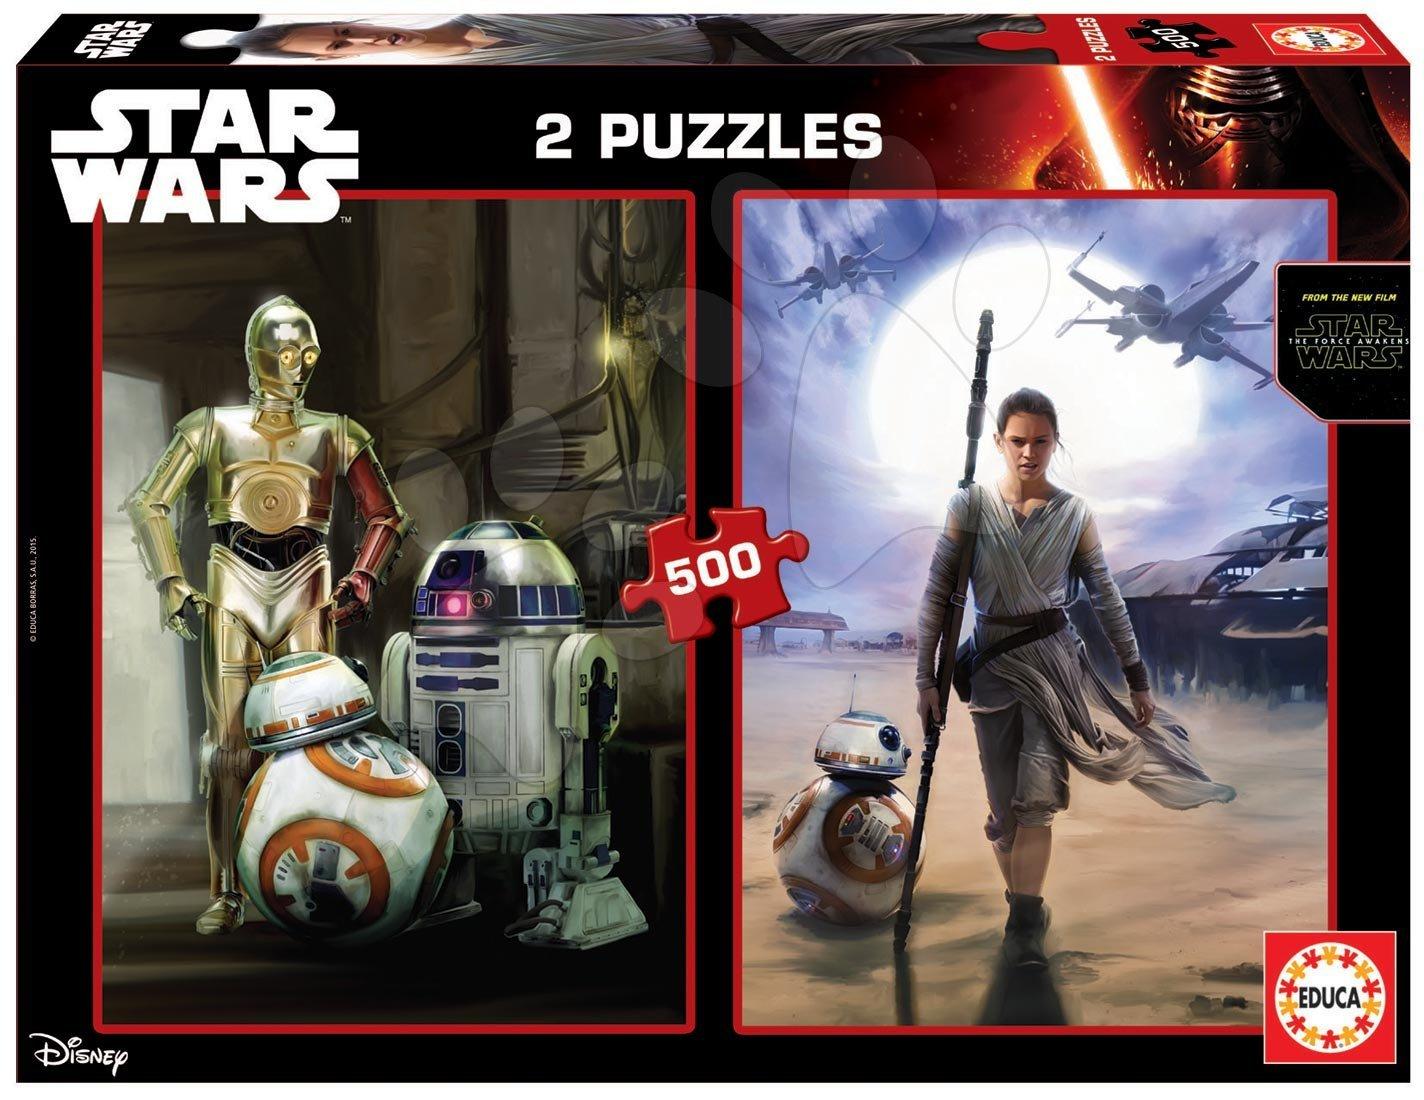 Puzzle 500 dielne - Puzzle Hviezdne vojny - Sila sa prebúdza Educa 2x500 dielov a Fix lepidlo od 11 rokov